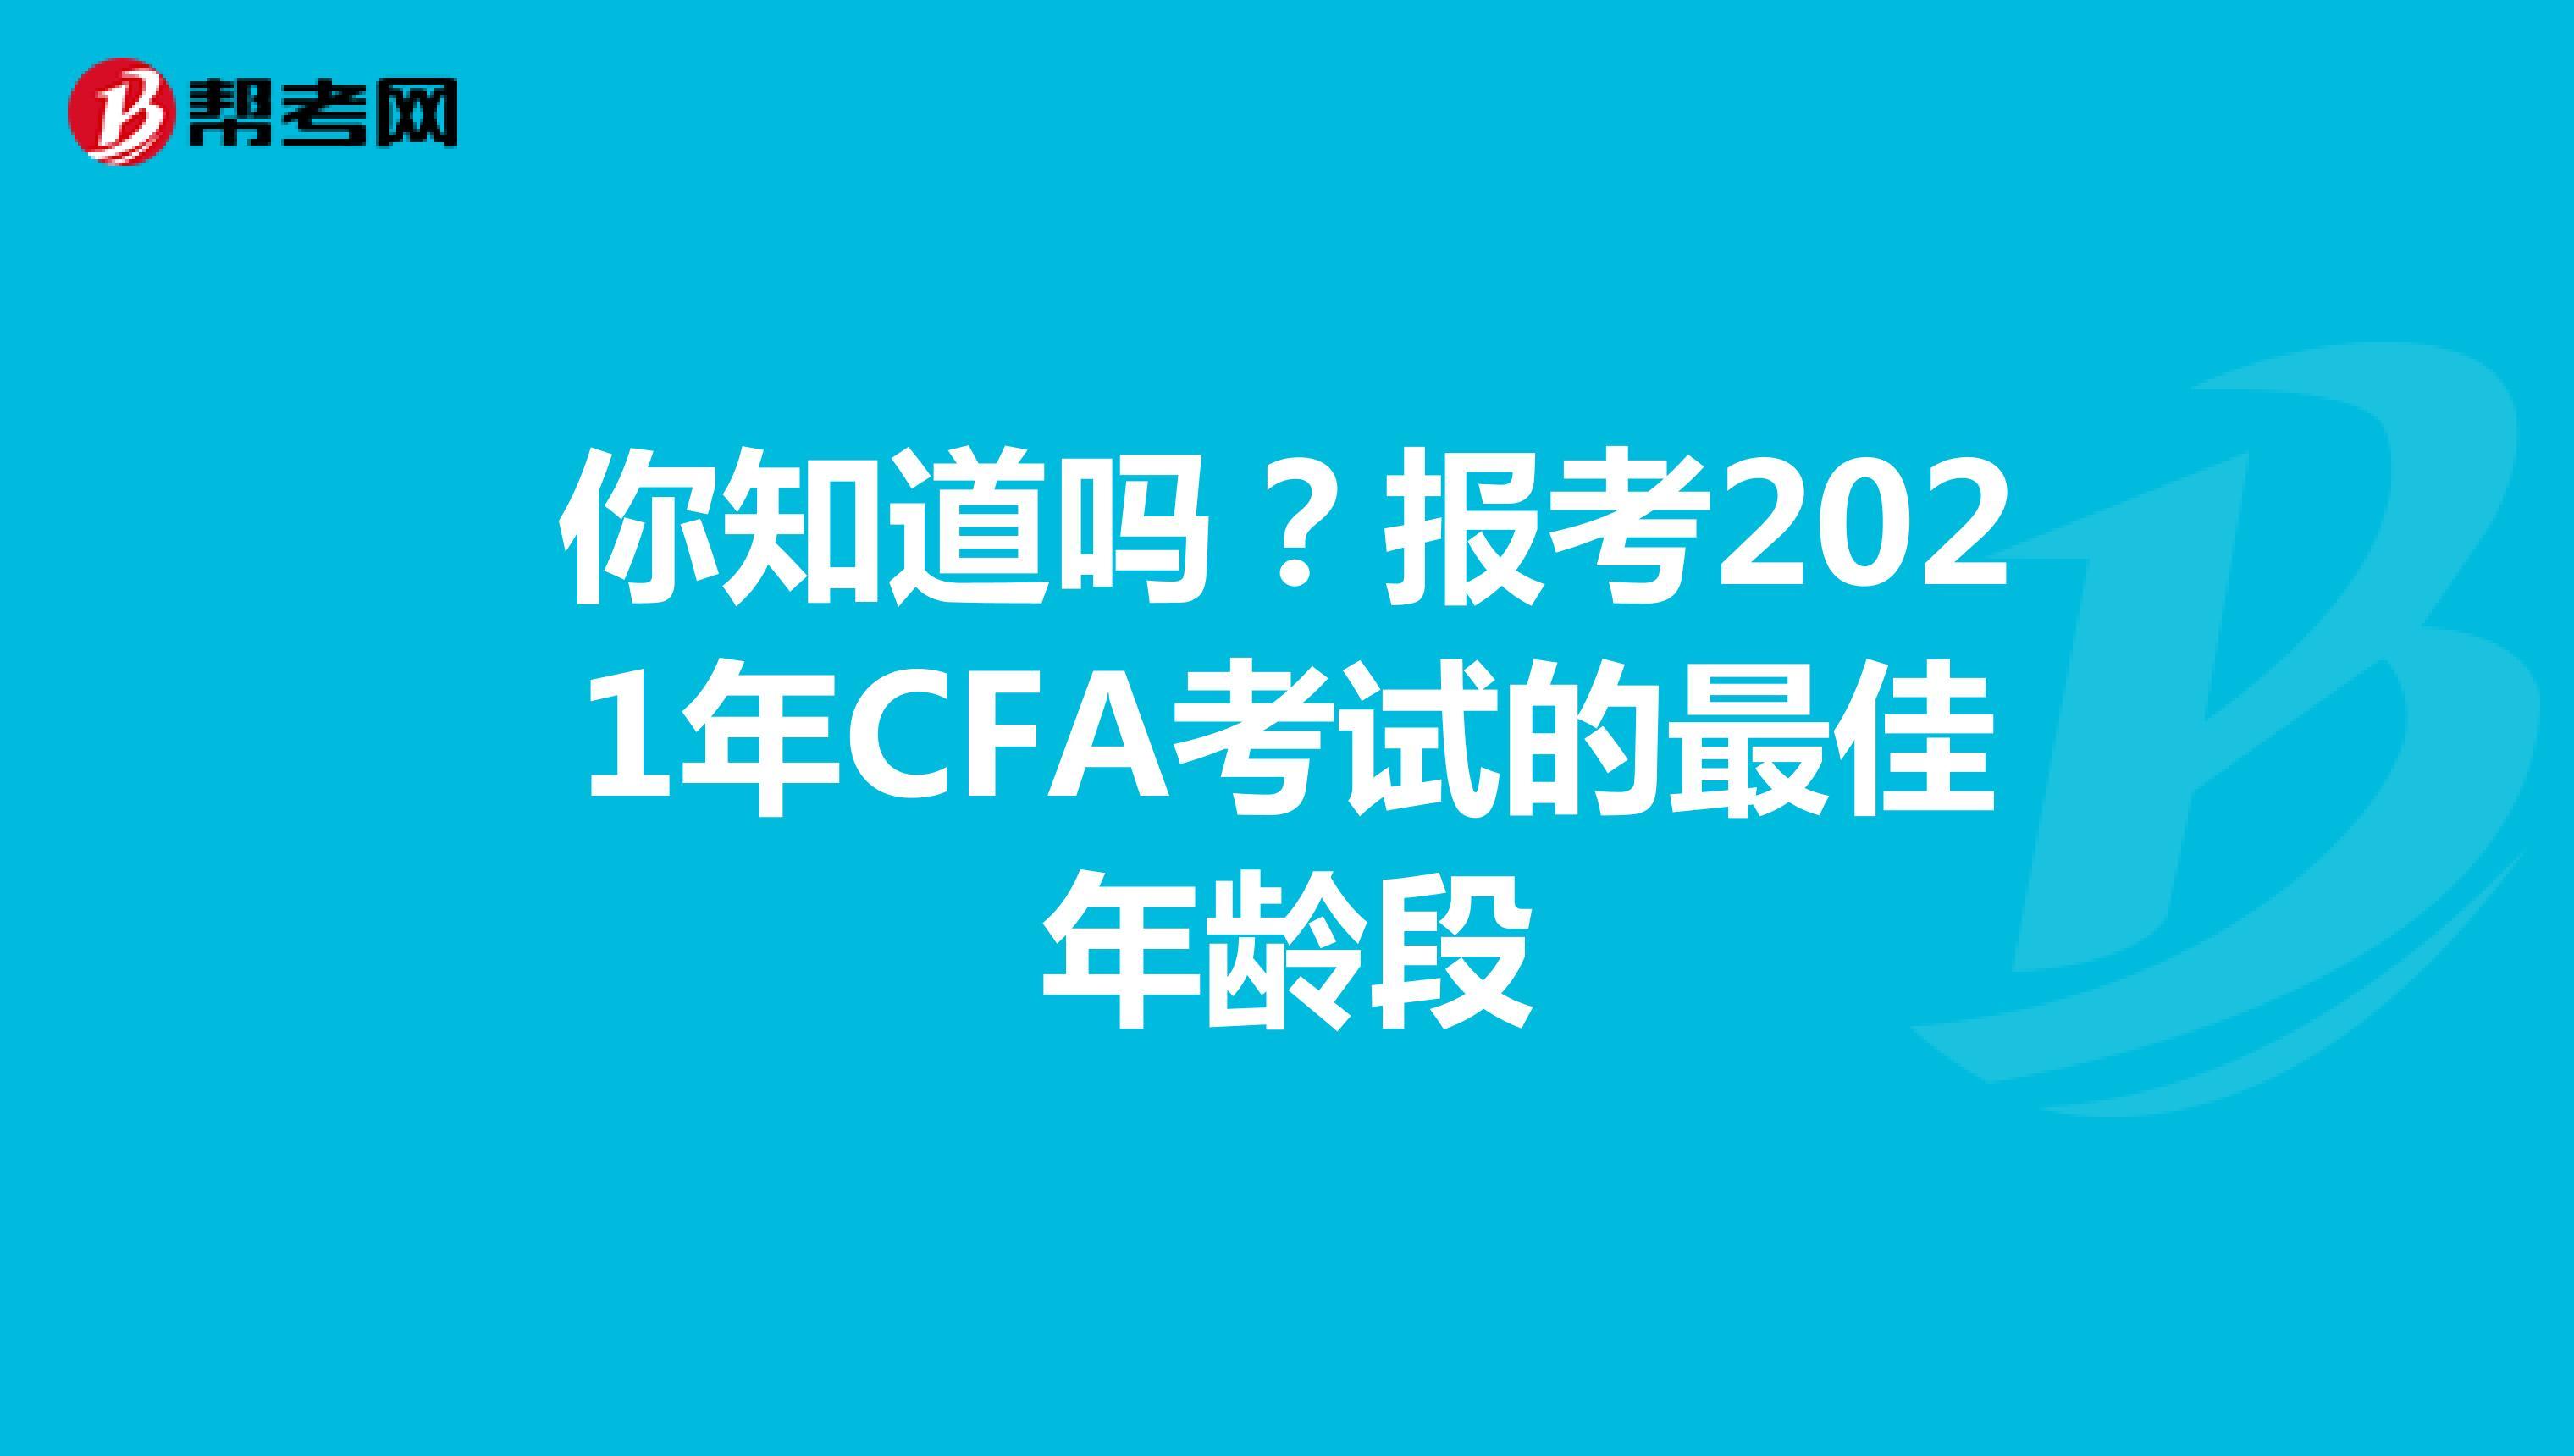 你知道吗?报考2021年CFA考试的最佳年龄段